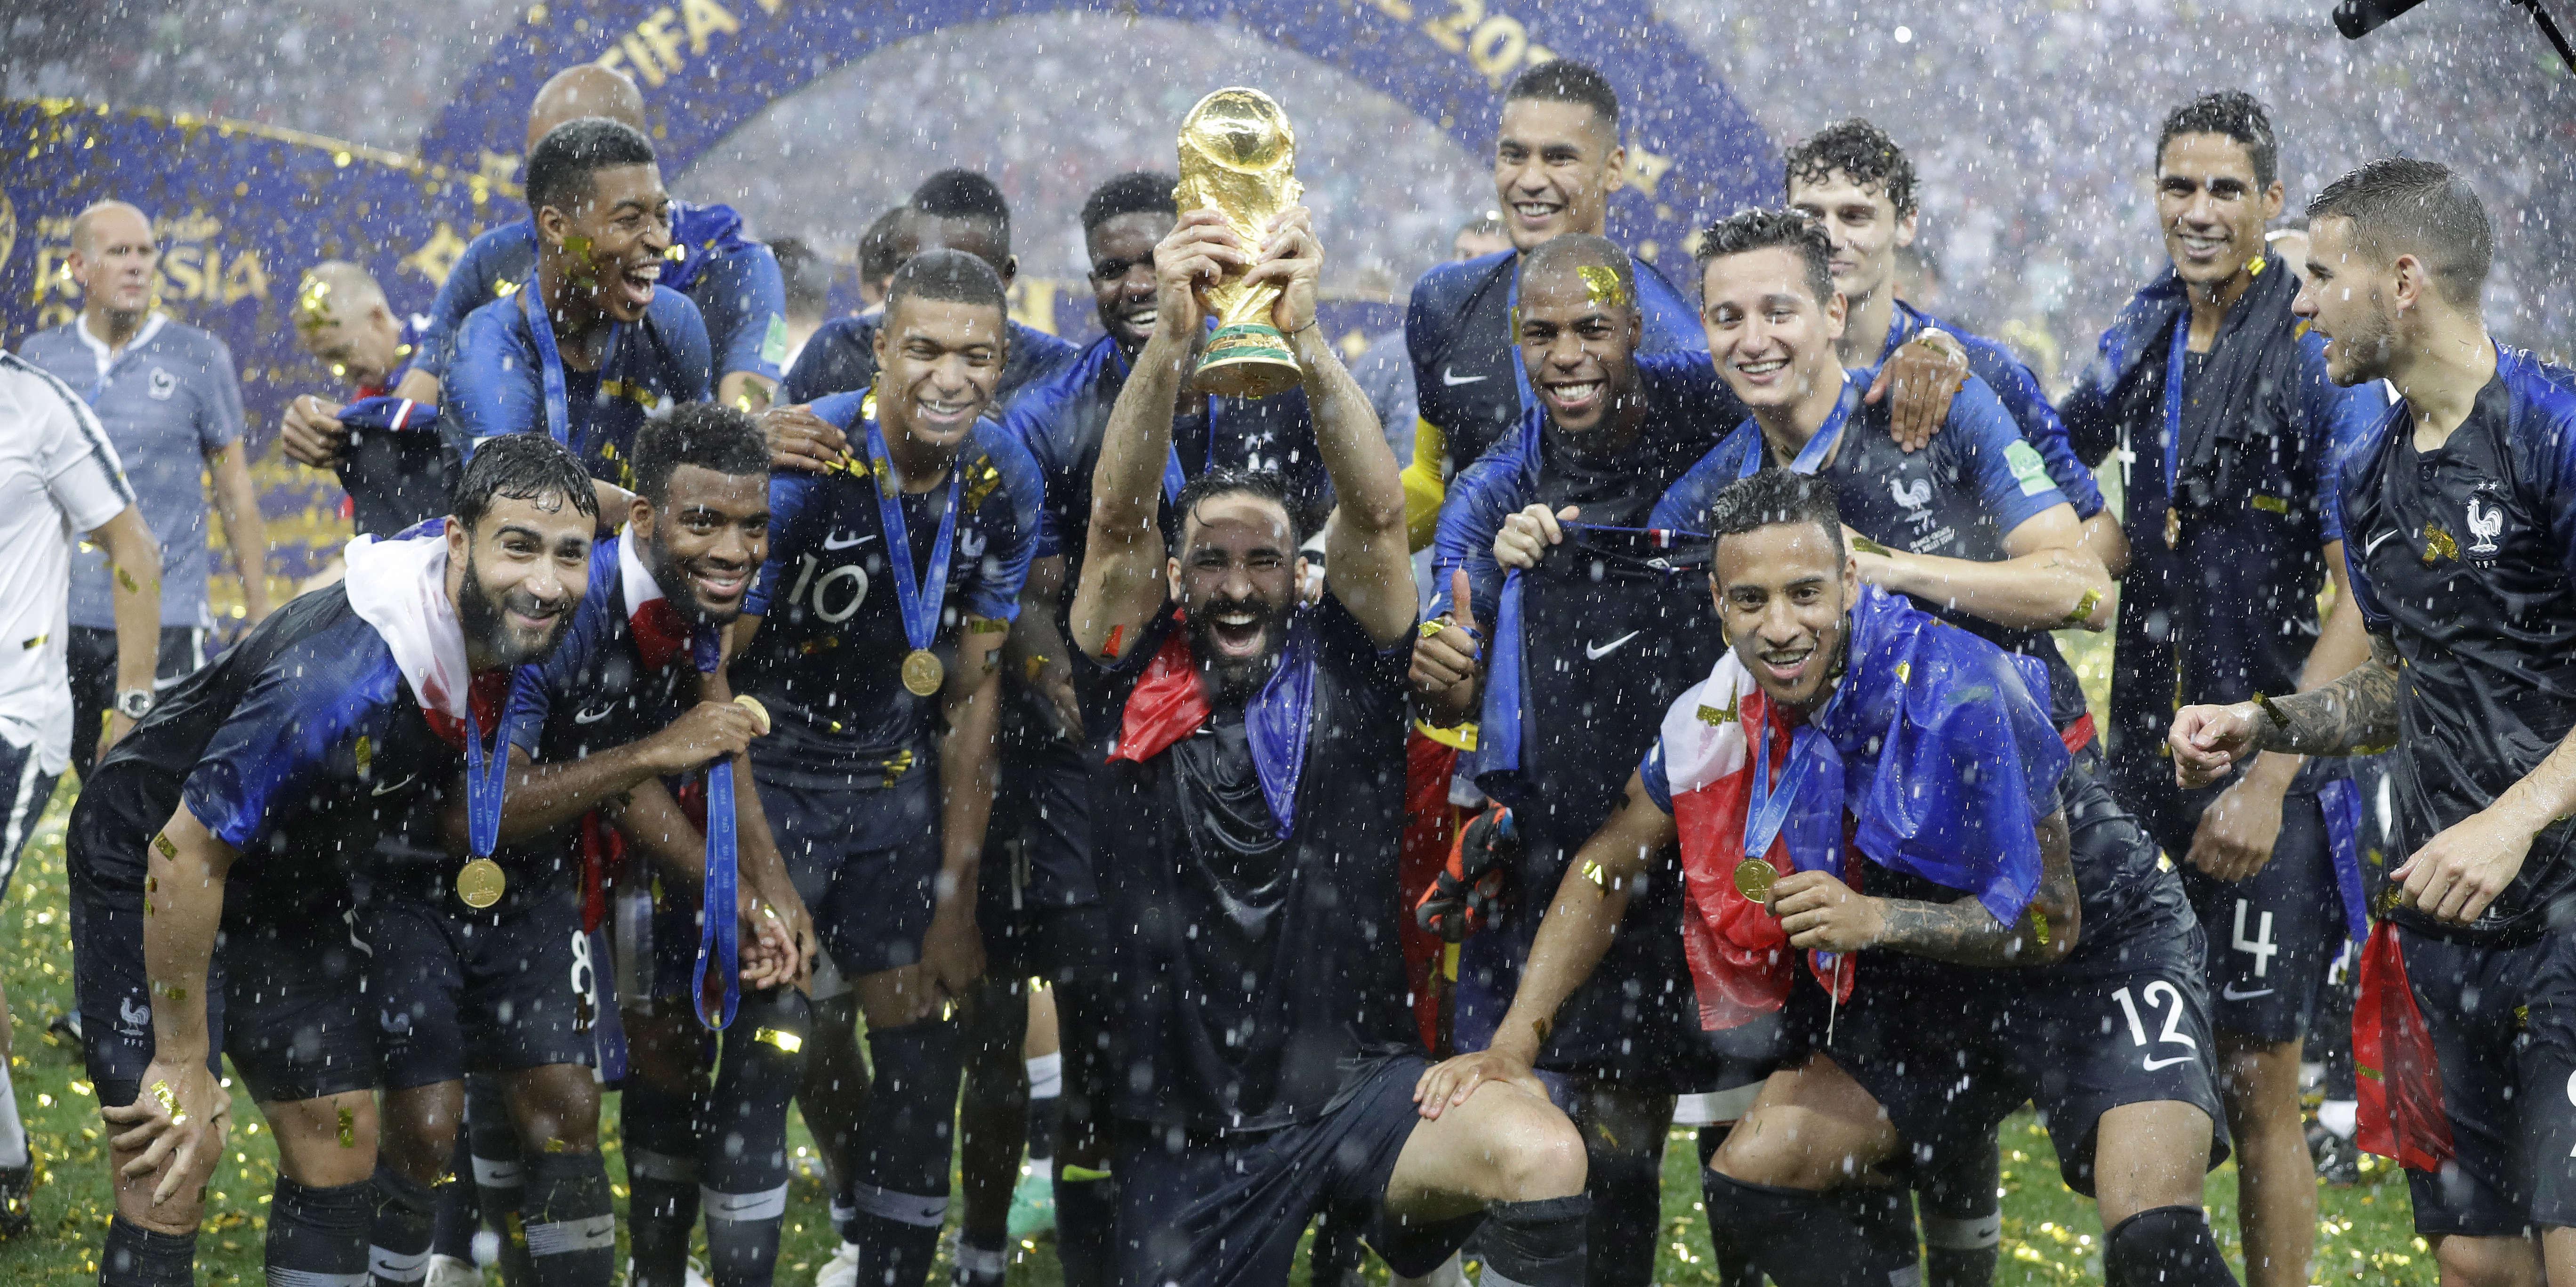 France croatie revivez la victoire de l quipe de france dans la coupe du monde 2018 - Coupe de france l equipe ...